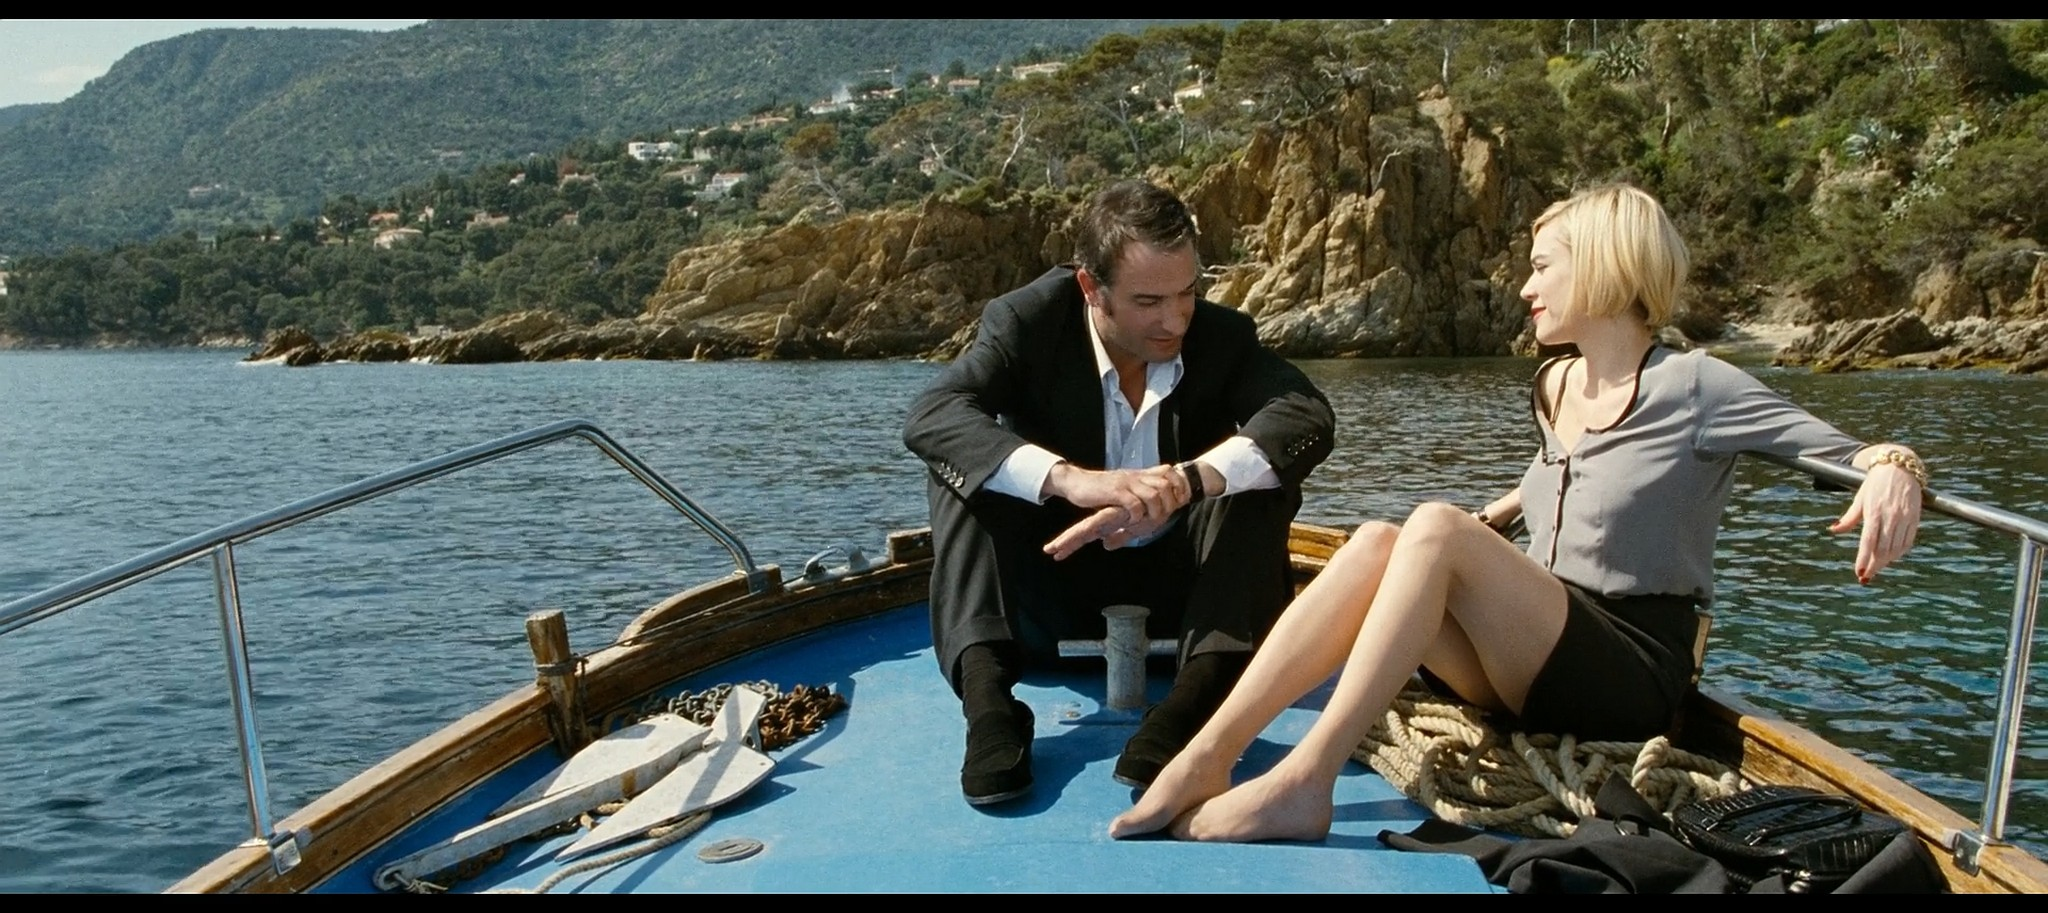 Marie Josee Croze nude wet and sex Un balcon sur la mer FR 2010 BluRay